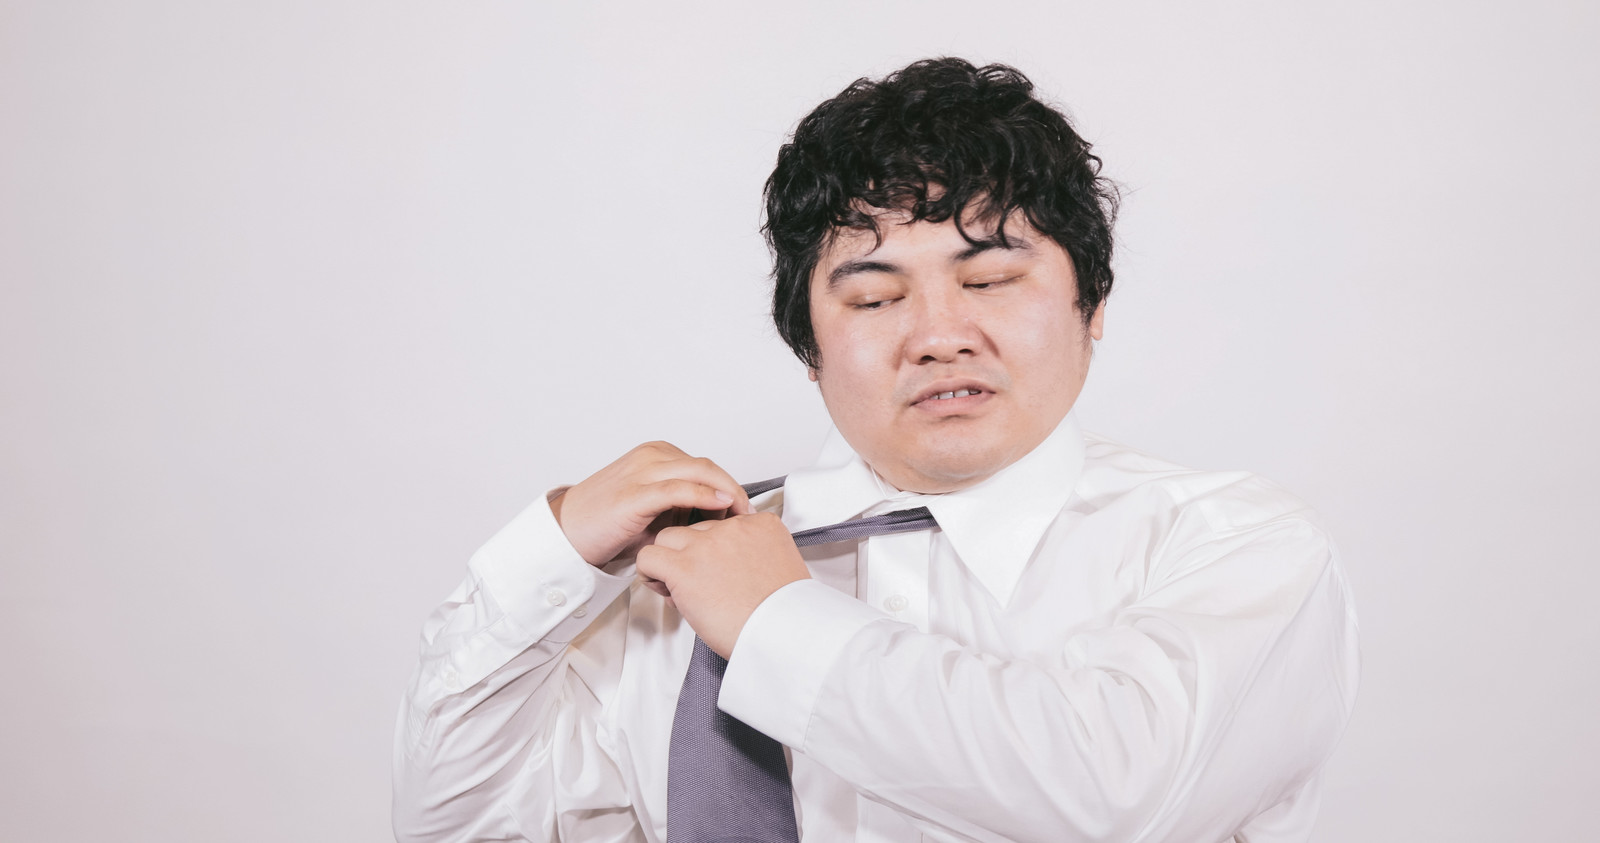 「ネクタイを外すサラリーマン」の写真[モデル:段田隼人]